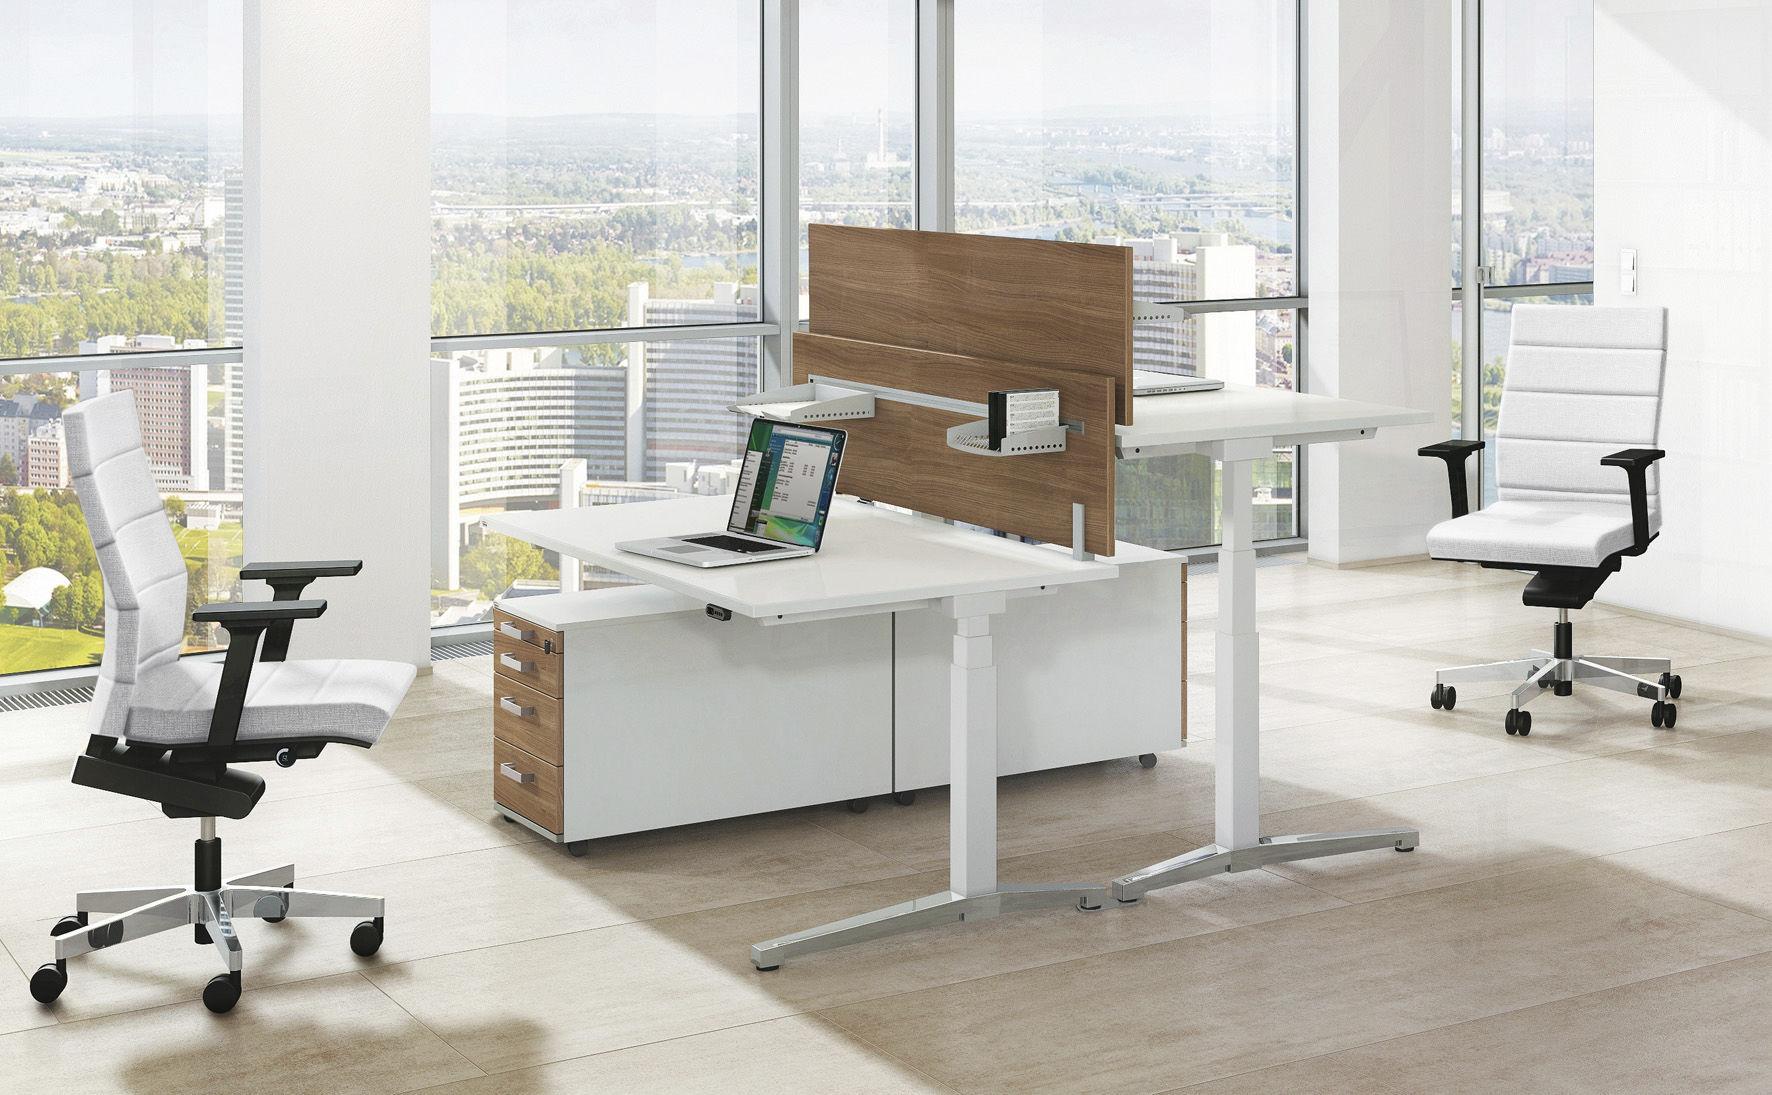 Büromöbel design holz  Bodenstehende Schreibtisch Trennwand / für Theken / Stoff / Holz ...